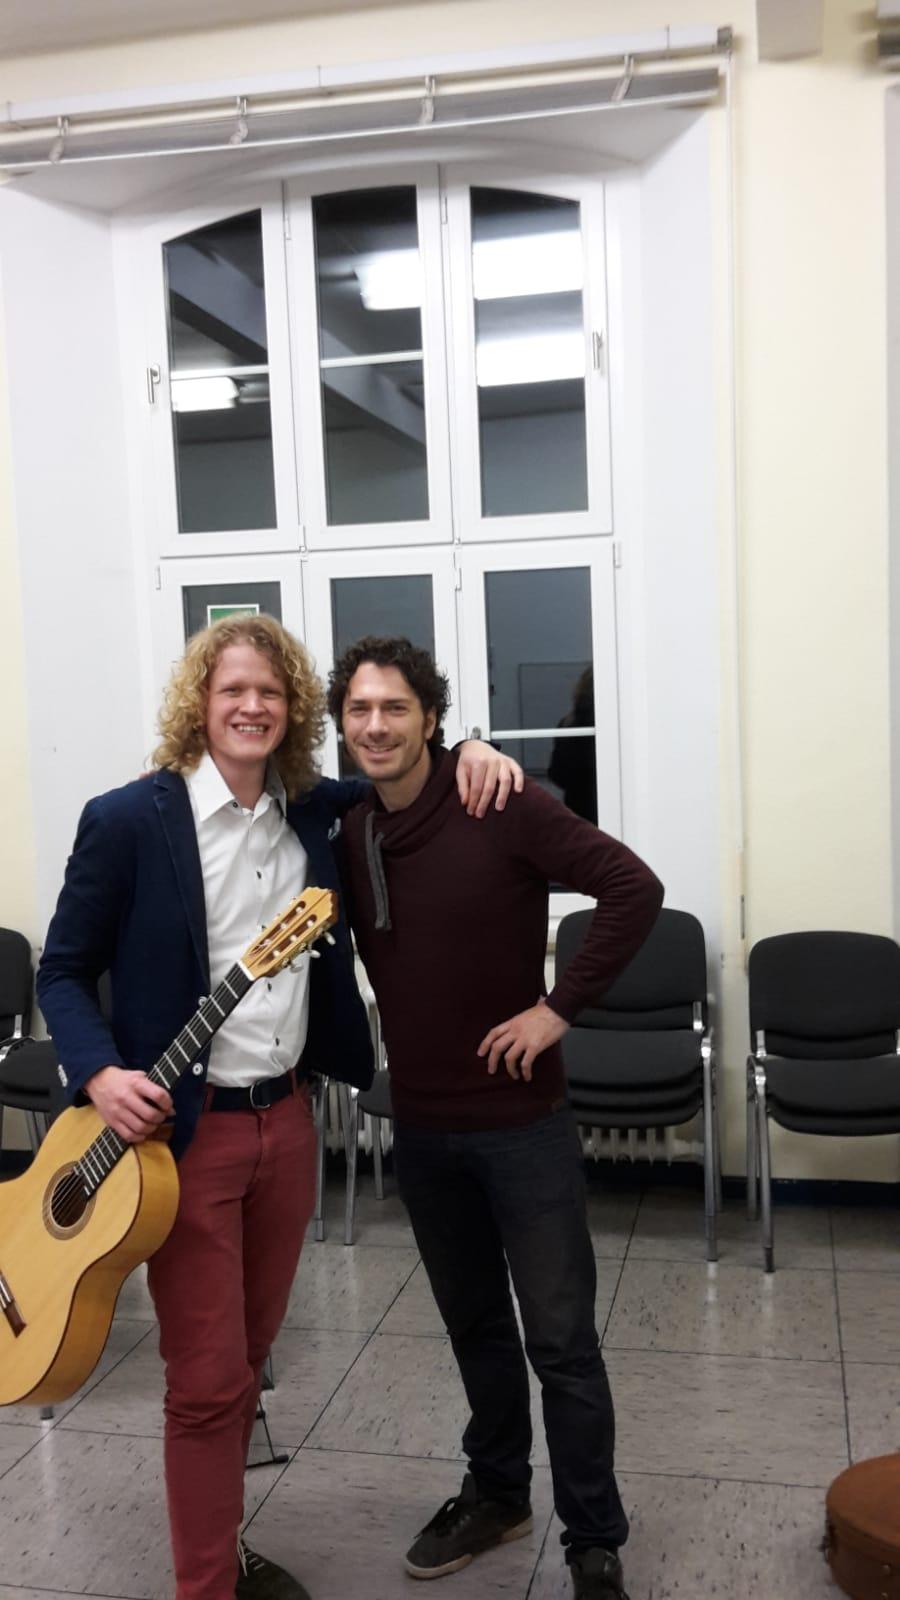 With dear friend Reentko Dirks.